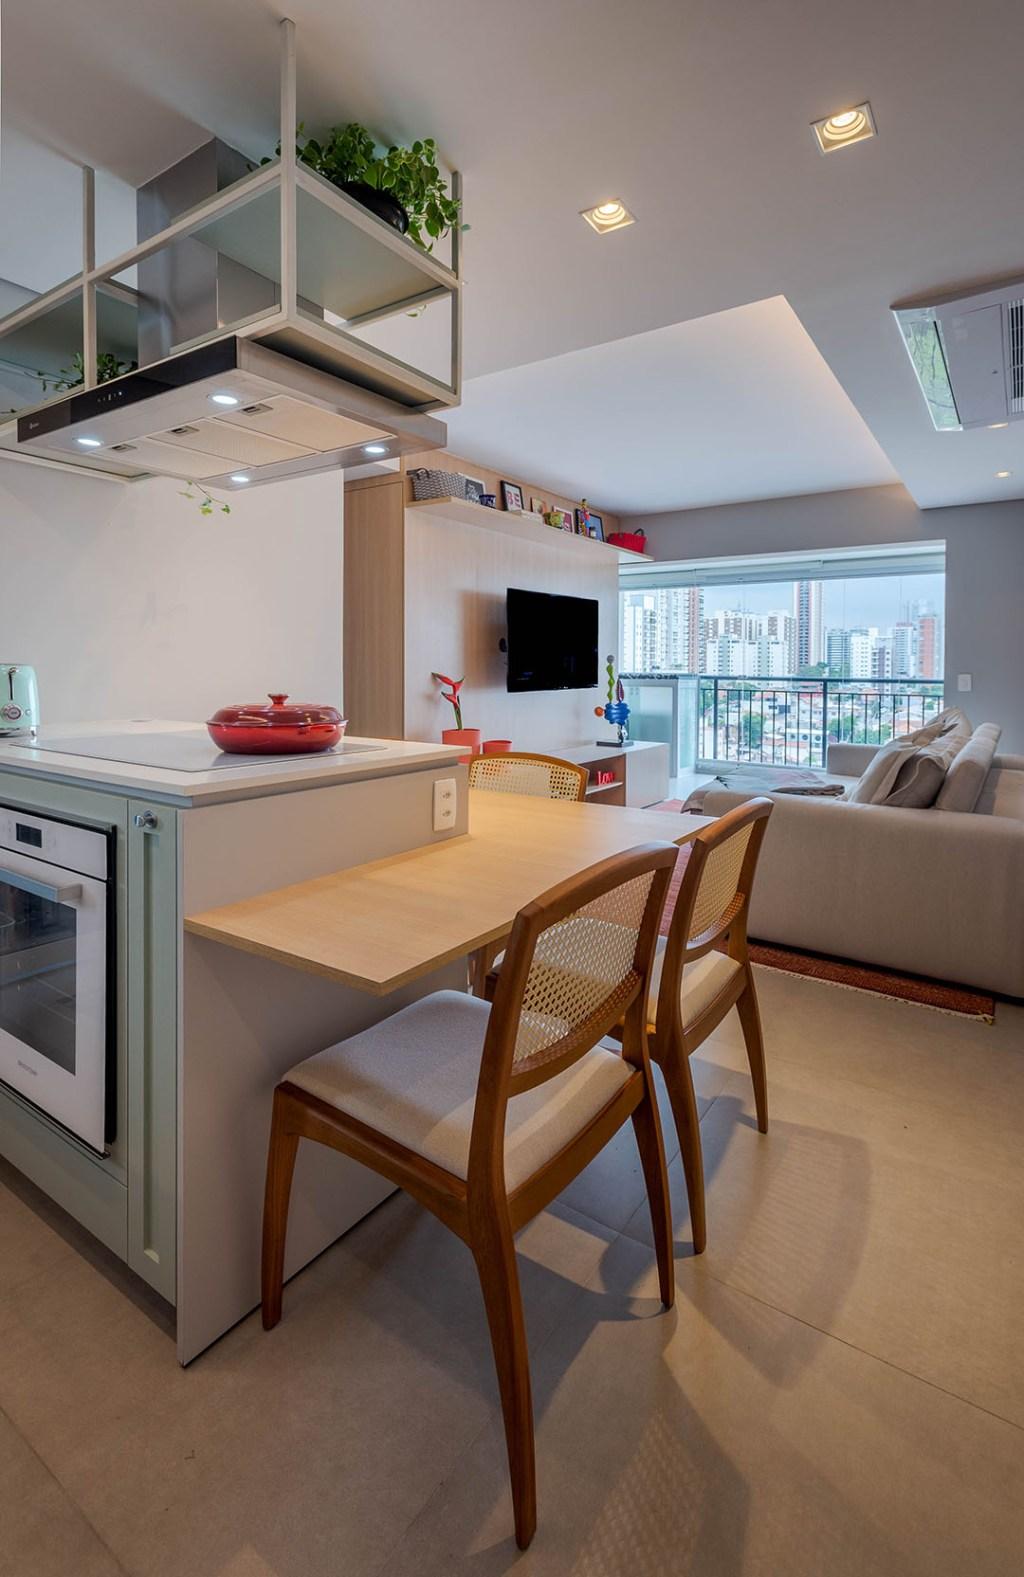 Living integrado com cozinha. Ilha de cozinha com cadeiras. Janela com vista da cidade ao fundo